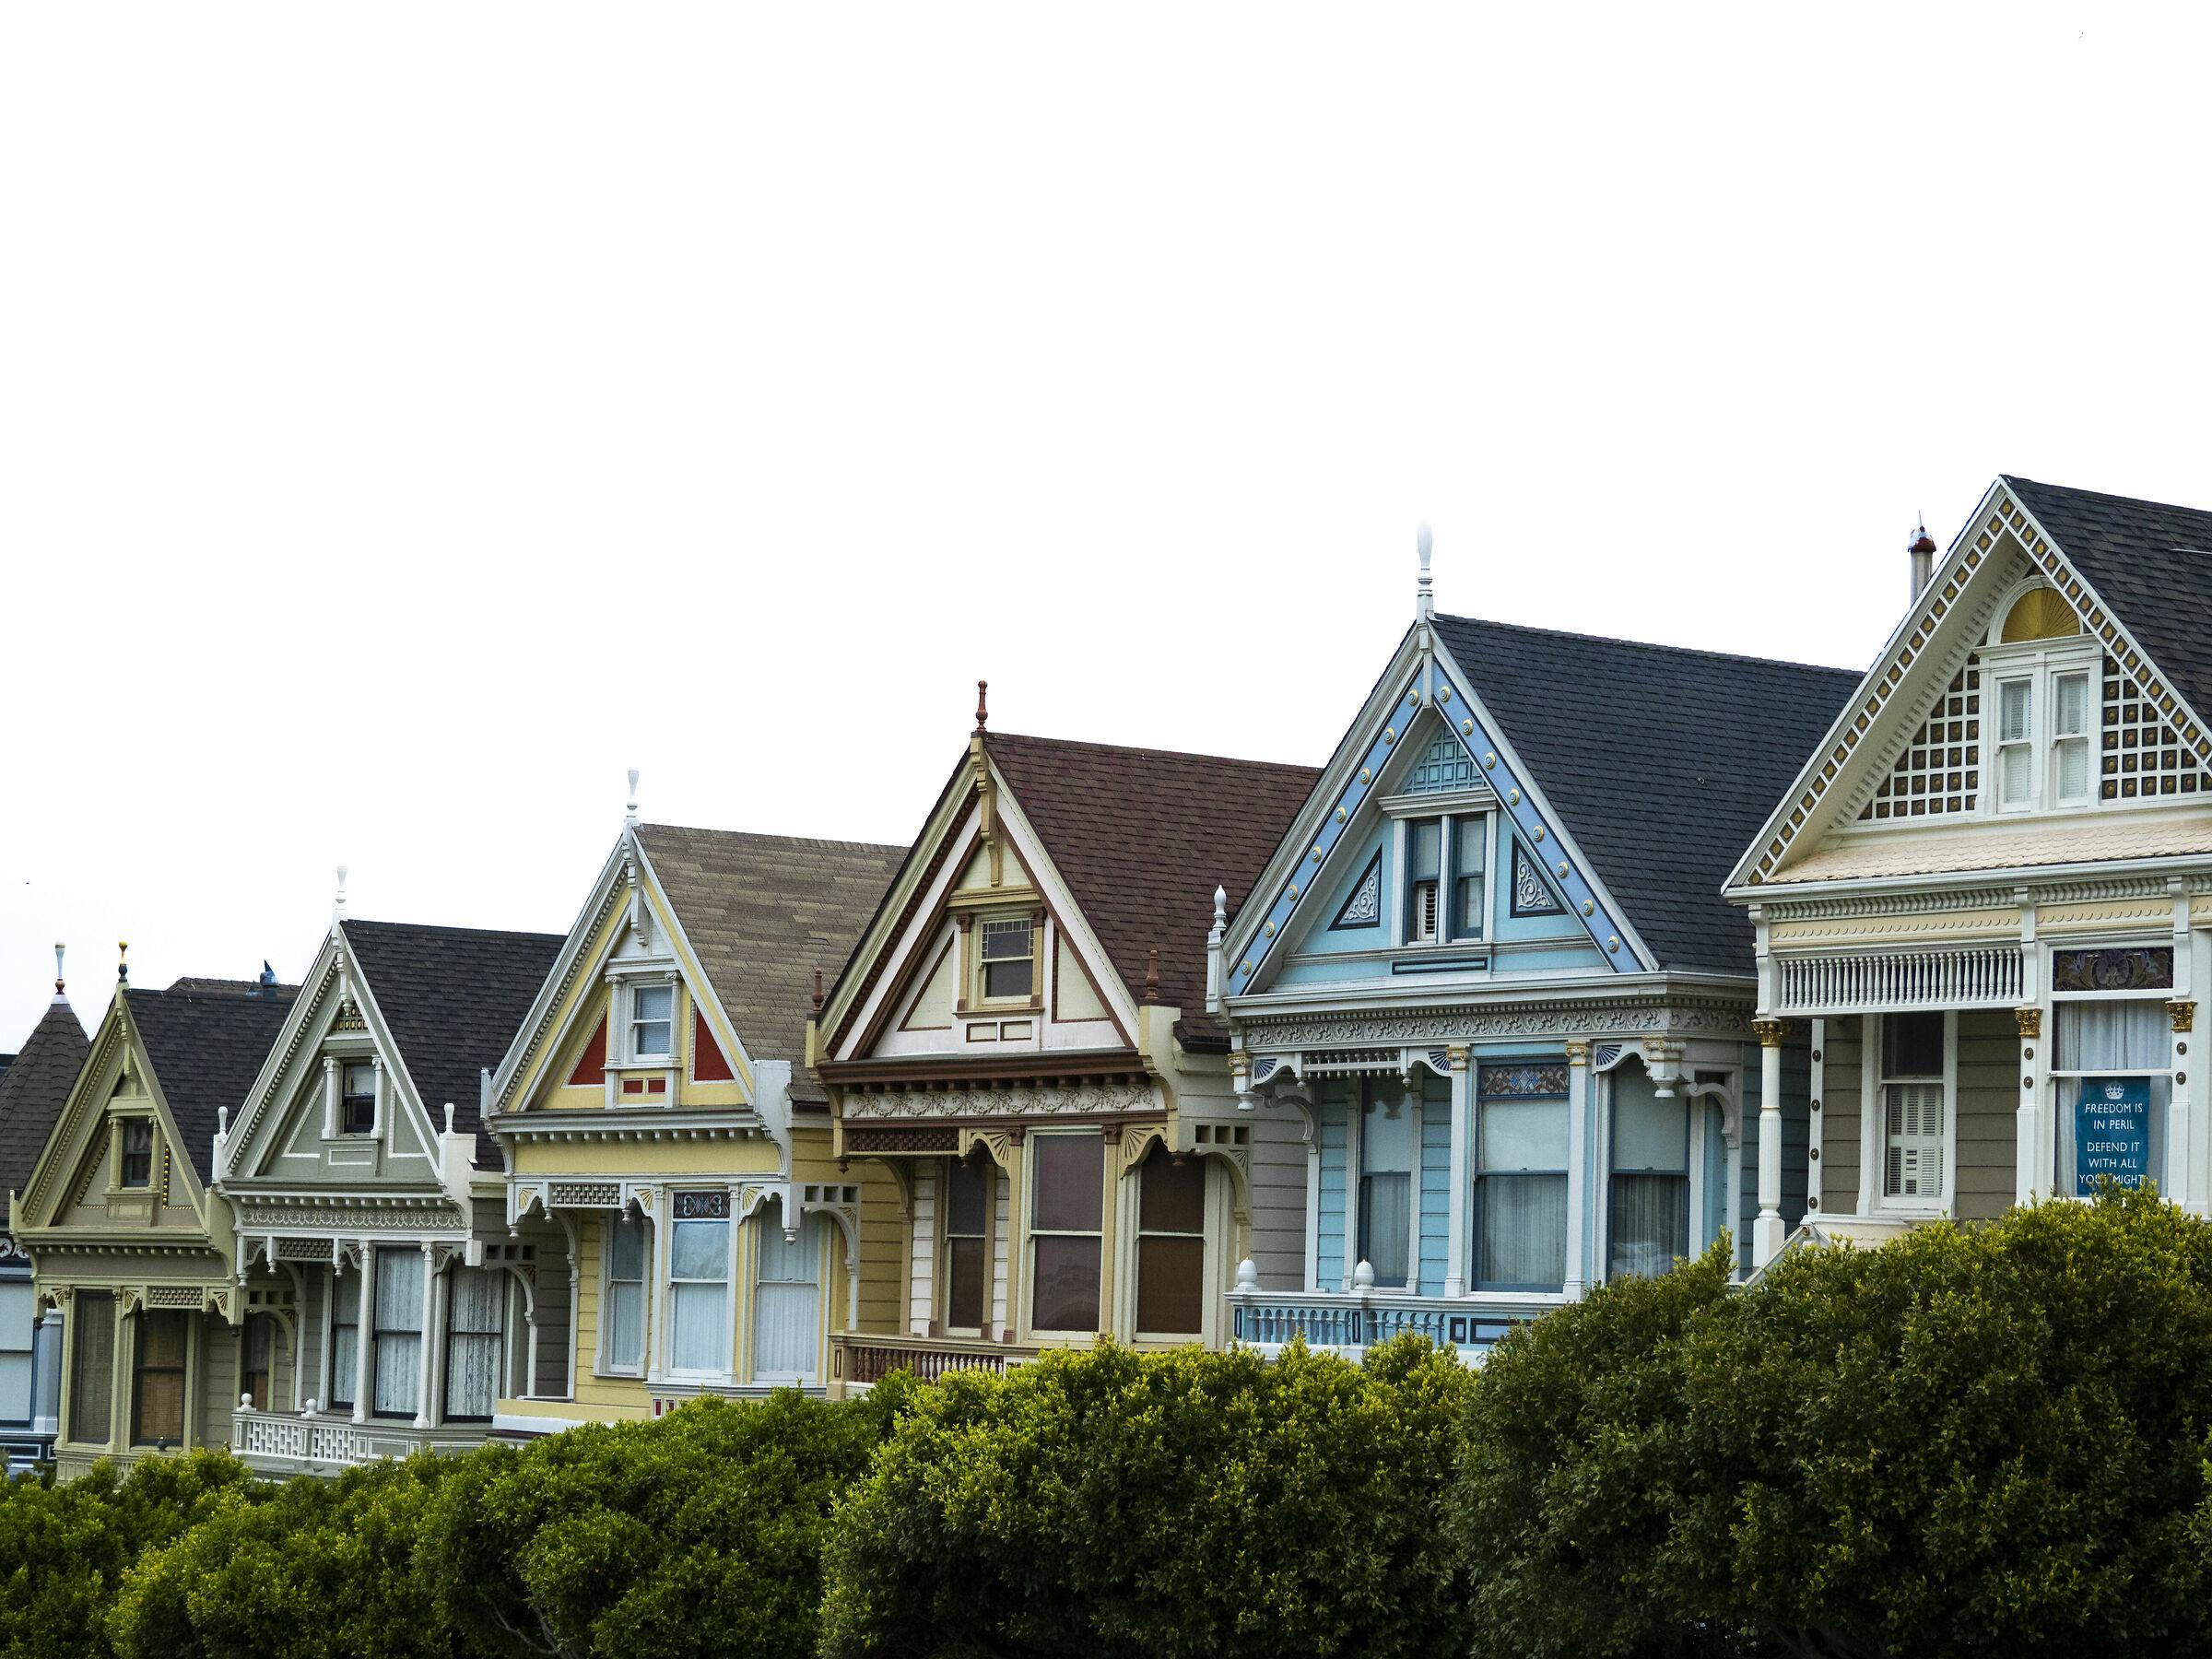 Painted ladies, San Francisco...